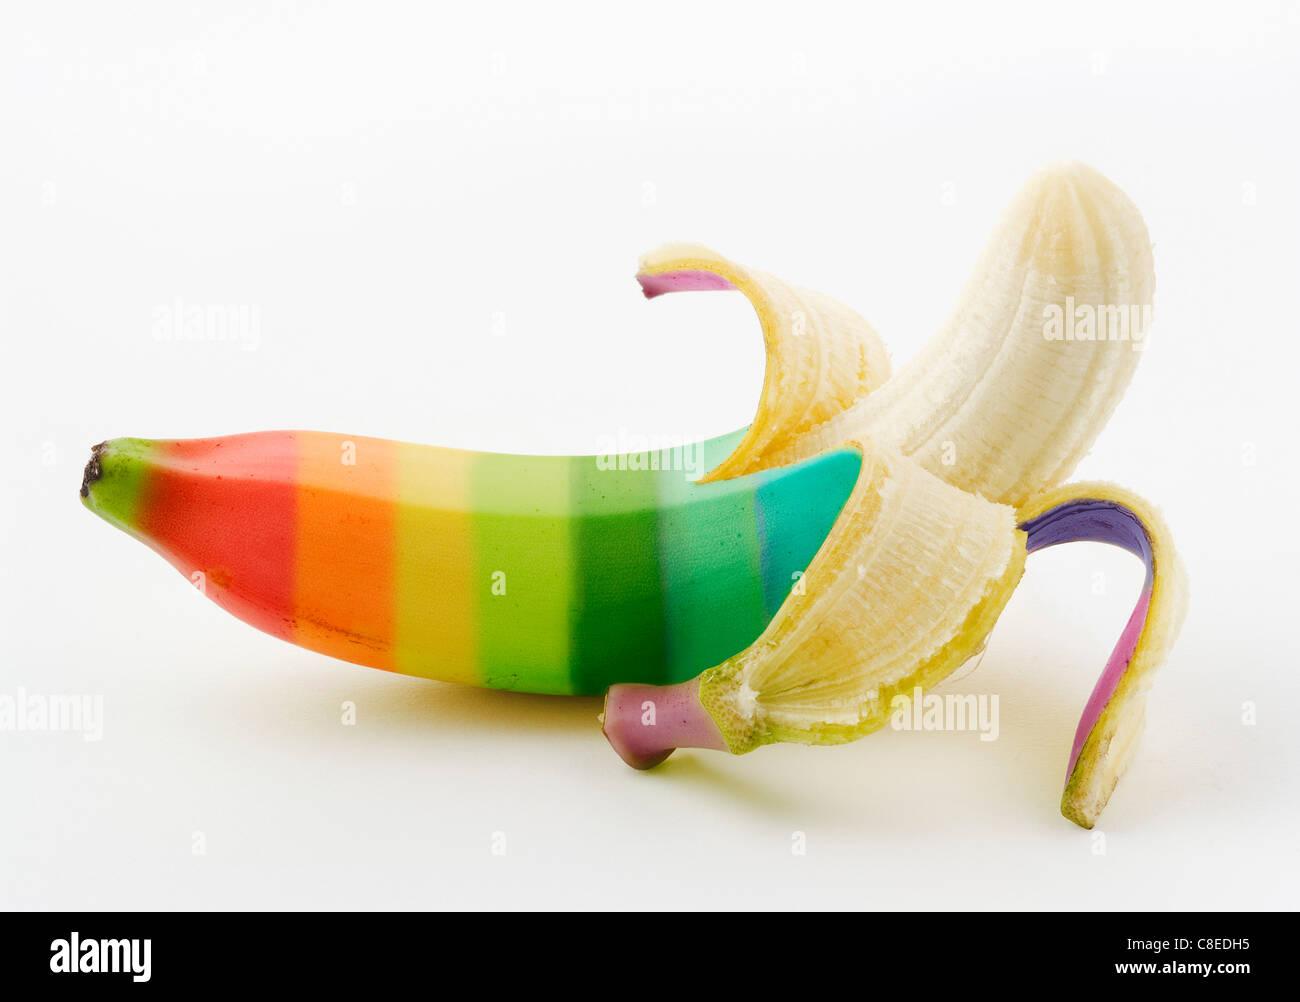 Mehrfarbige Banane Stockbild